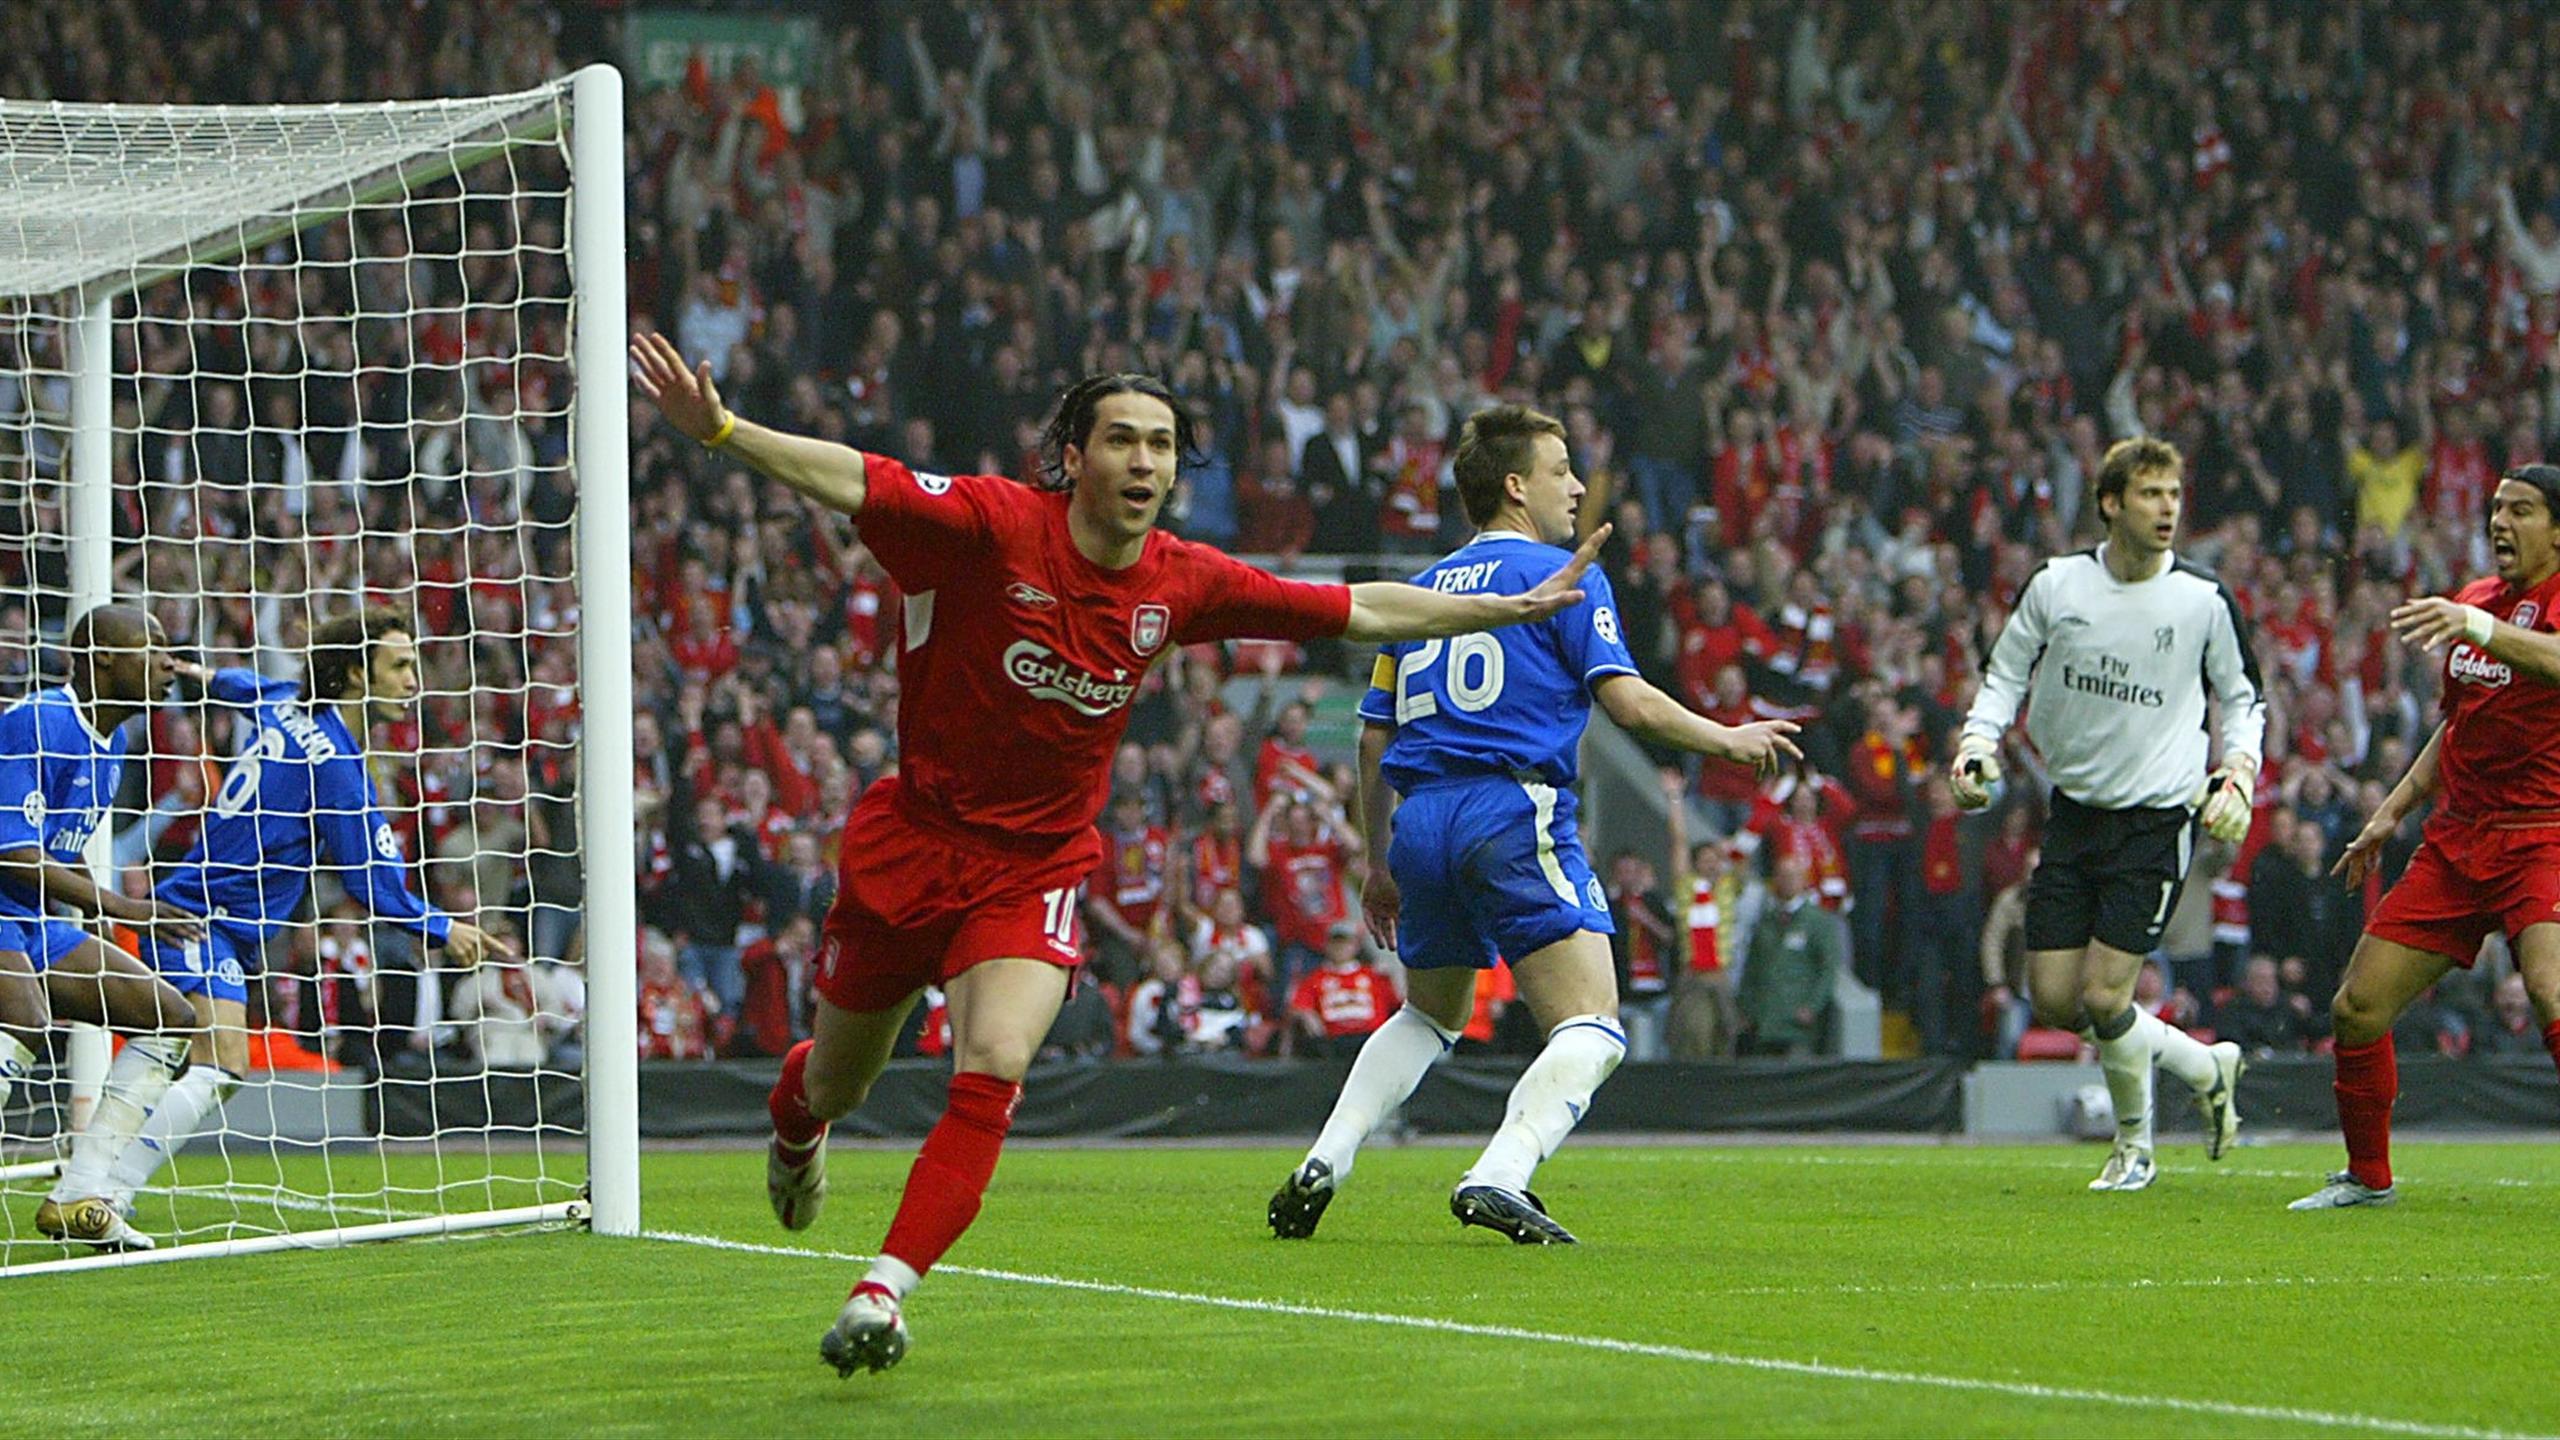 Liverpool-Chelsea, demi-finale retour de la Ligue des champions 2005